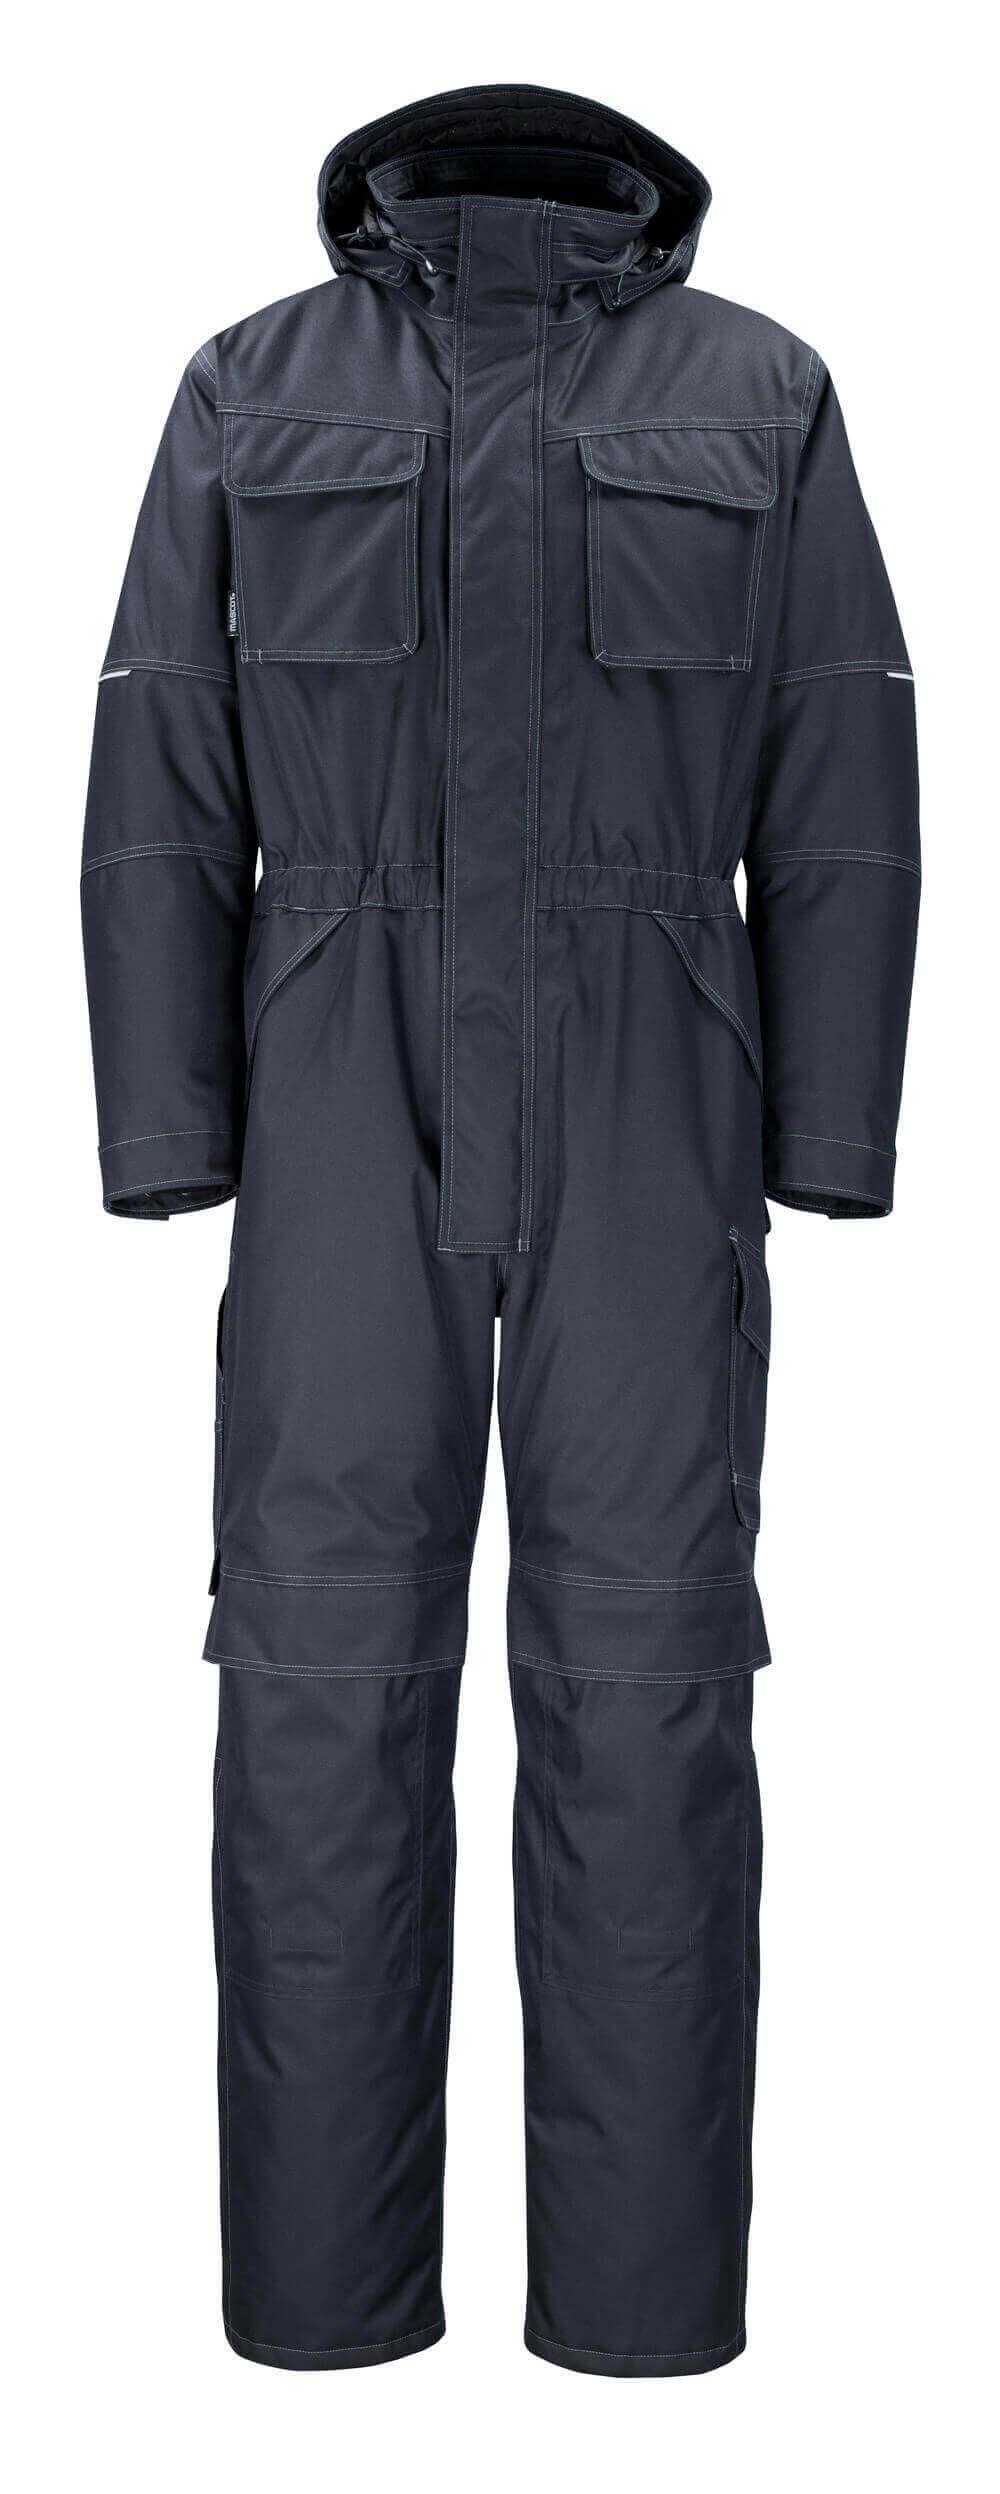 14119-194-010 Winter Boilersuit - dark navy